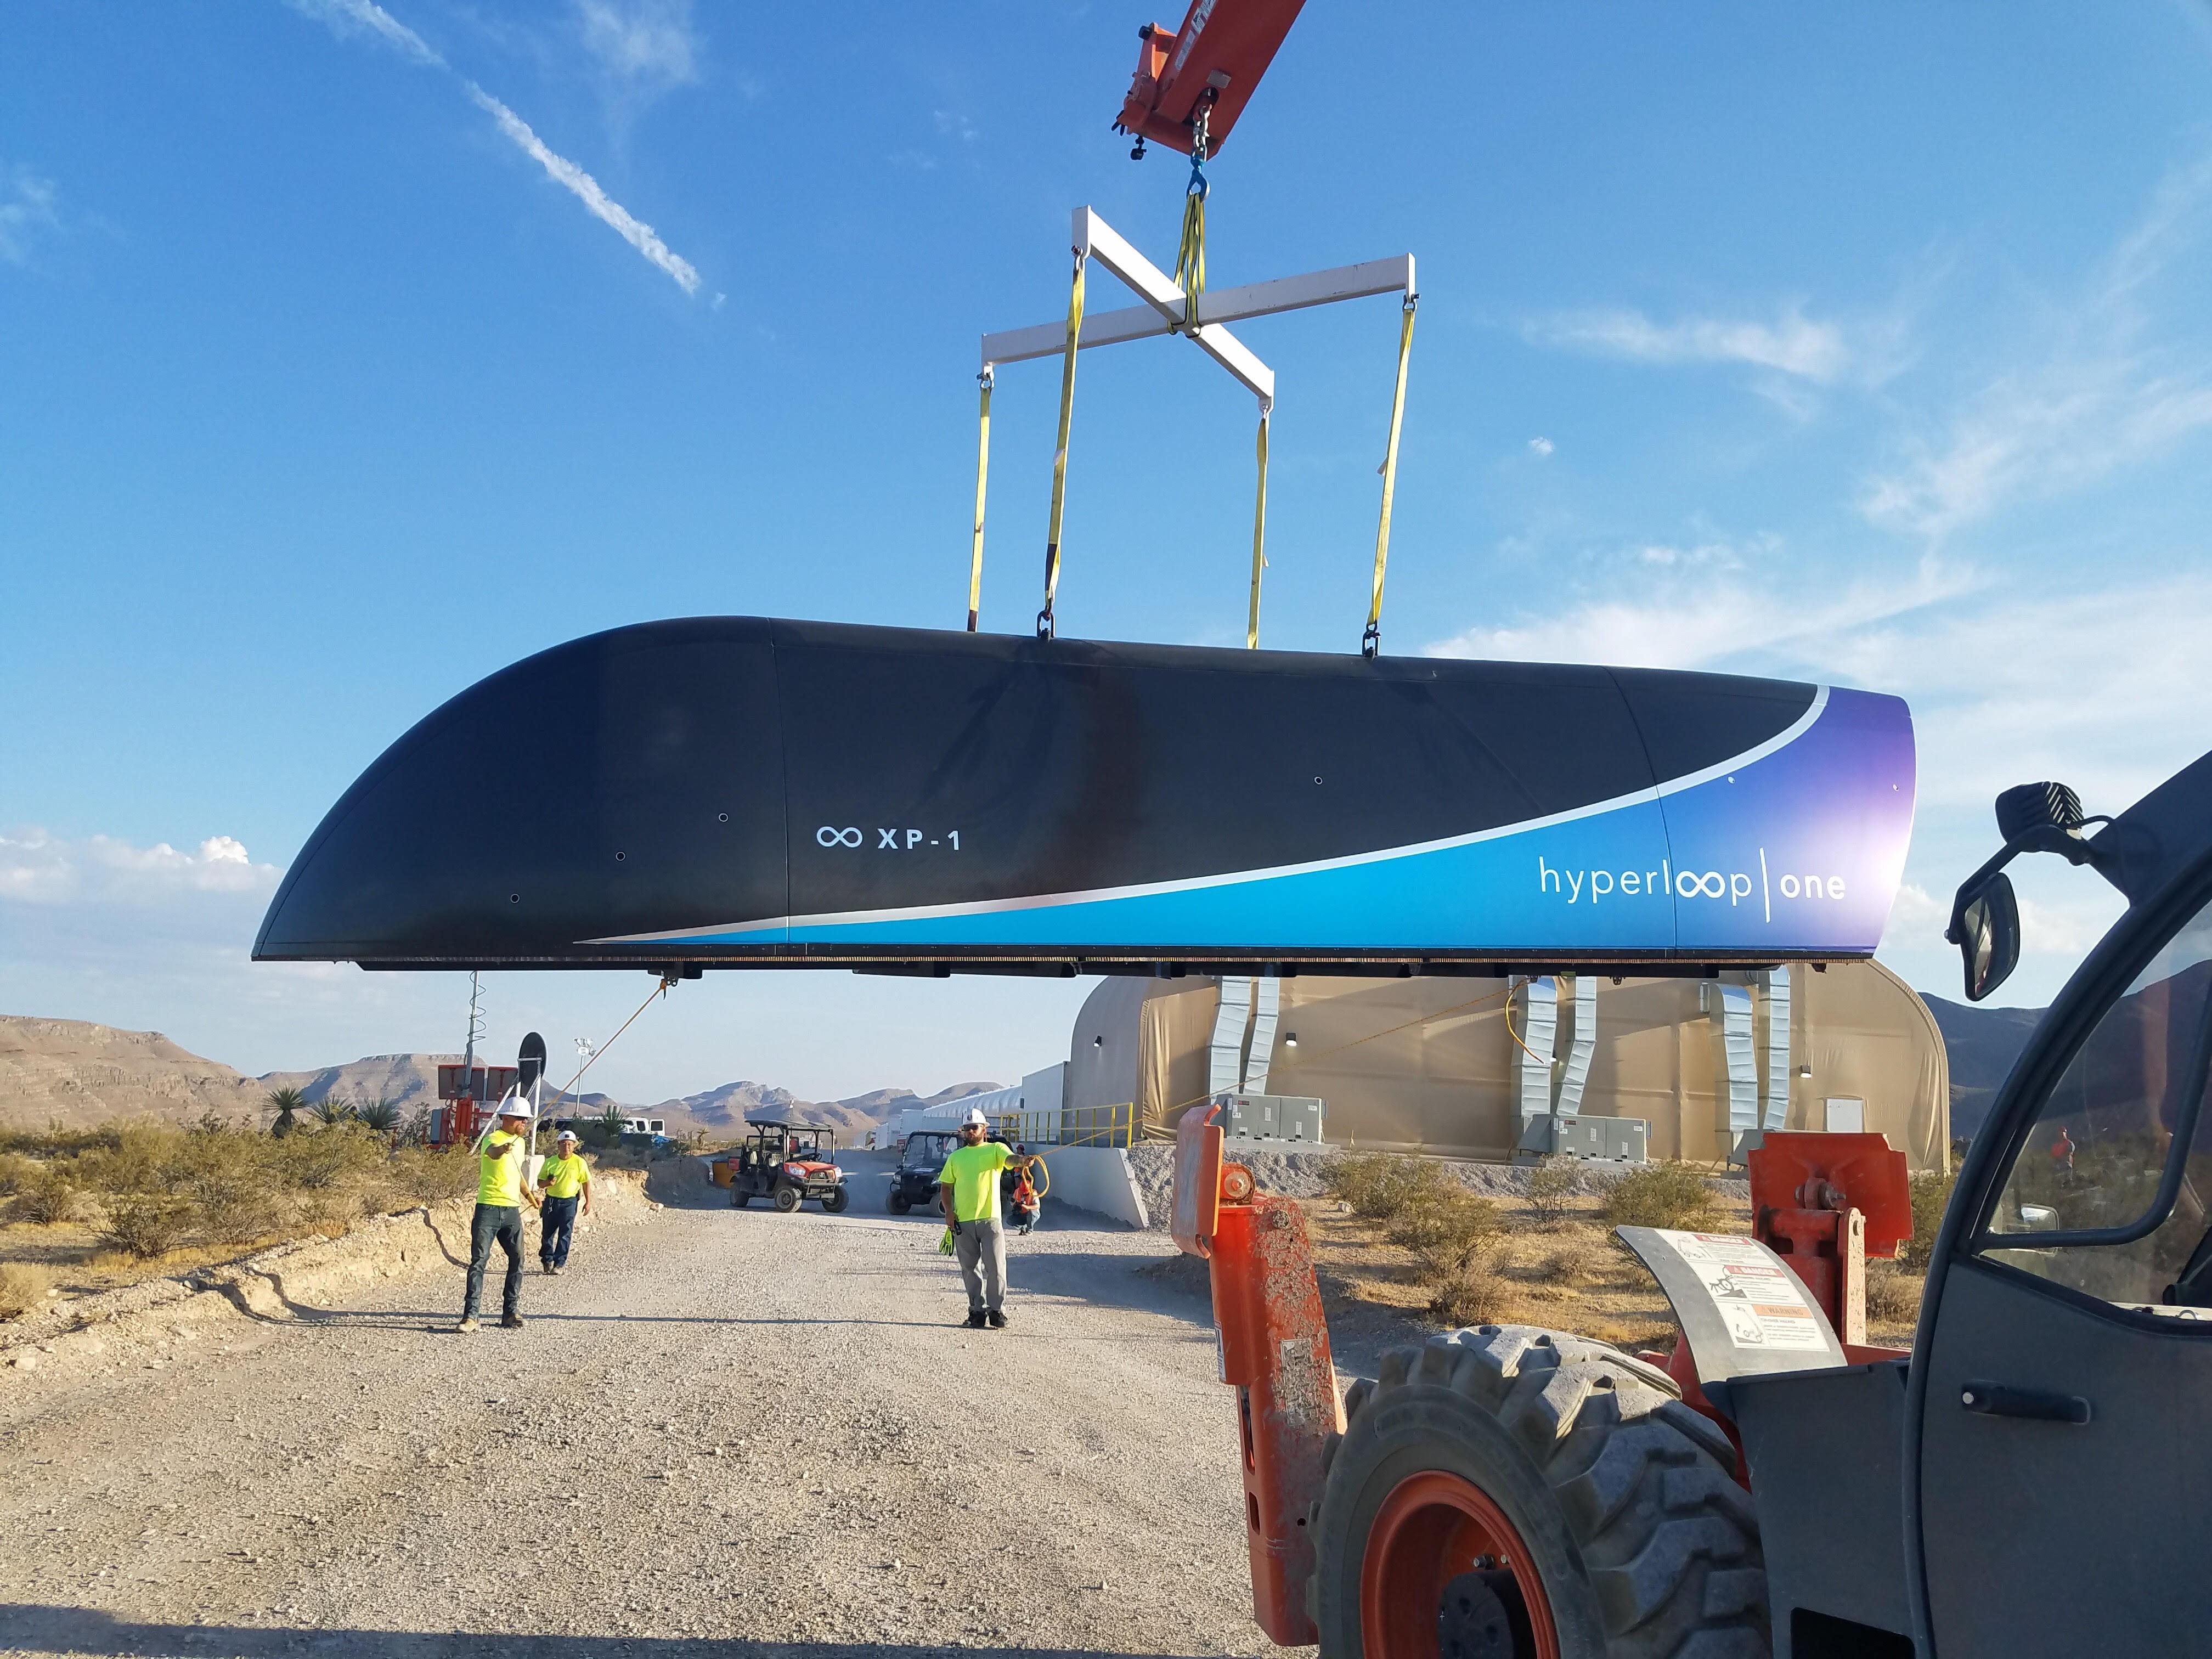 Razvoj najhitrejšega vlaka poteka po načrtih!